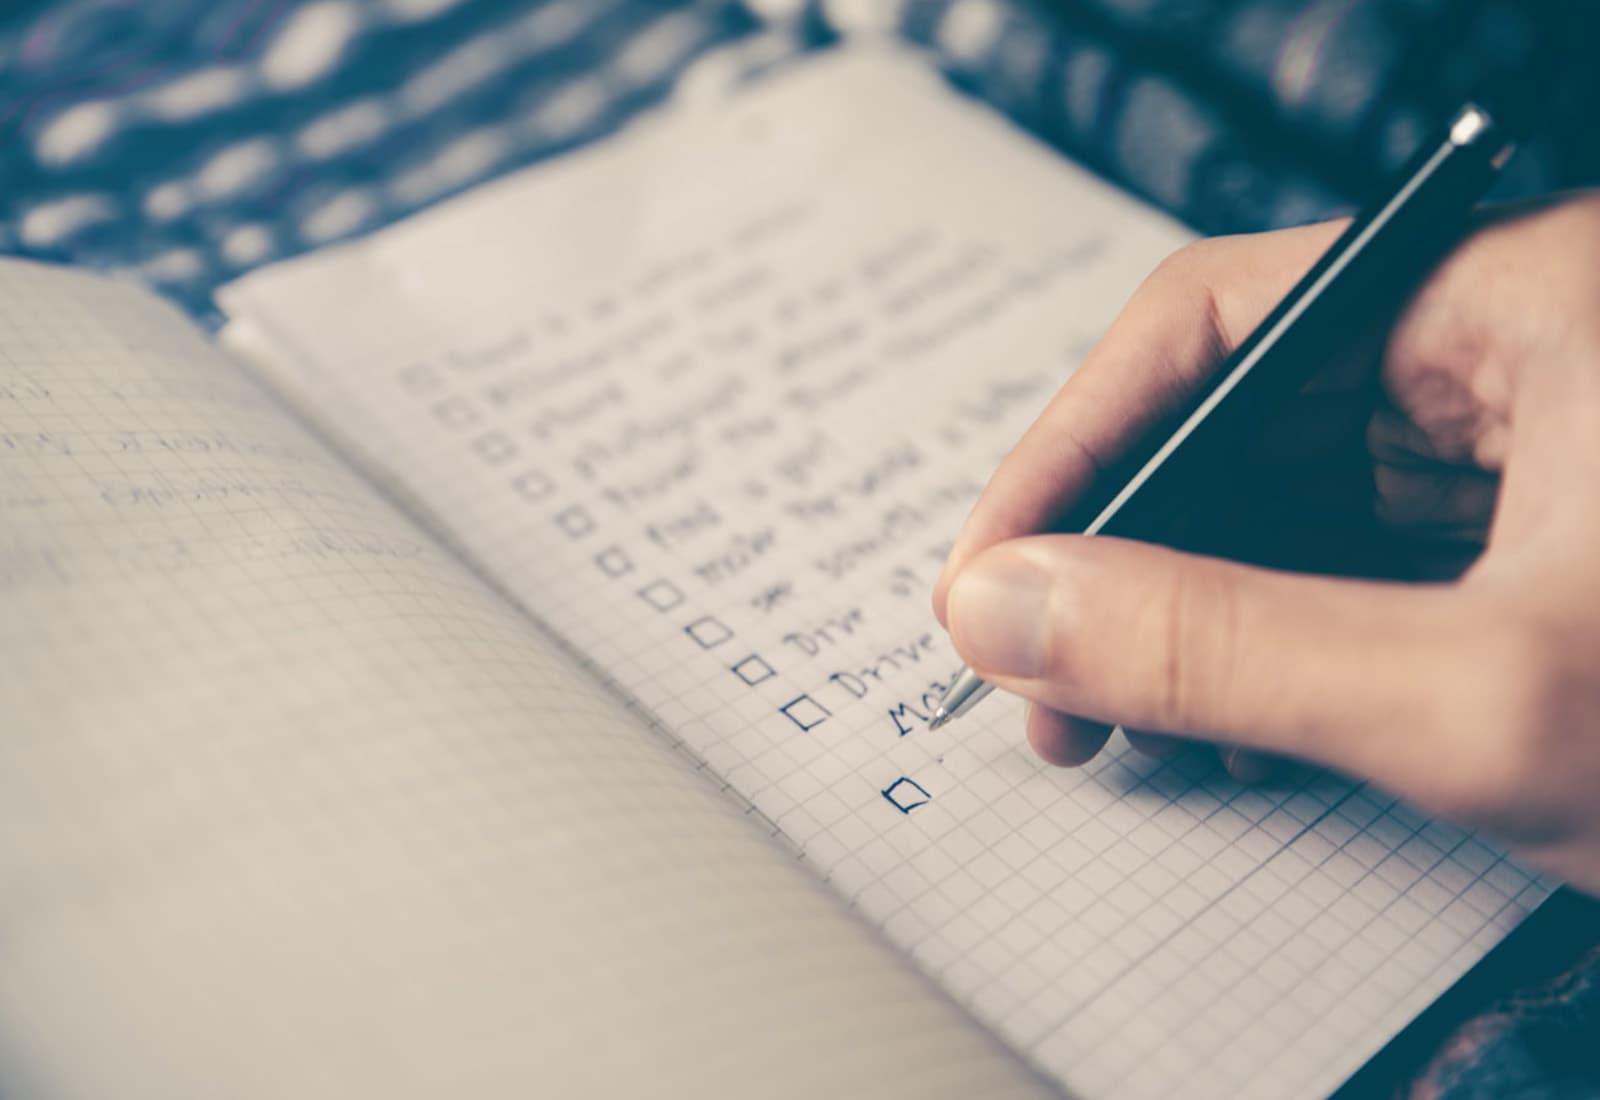 Karrierewechsel: Berufliche Veränderungen sind nur bedingt planbar.